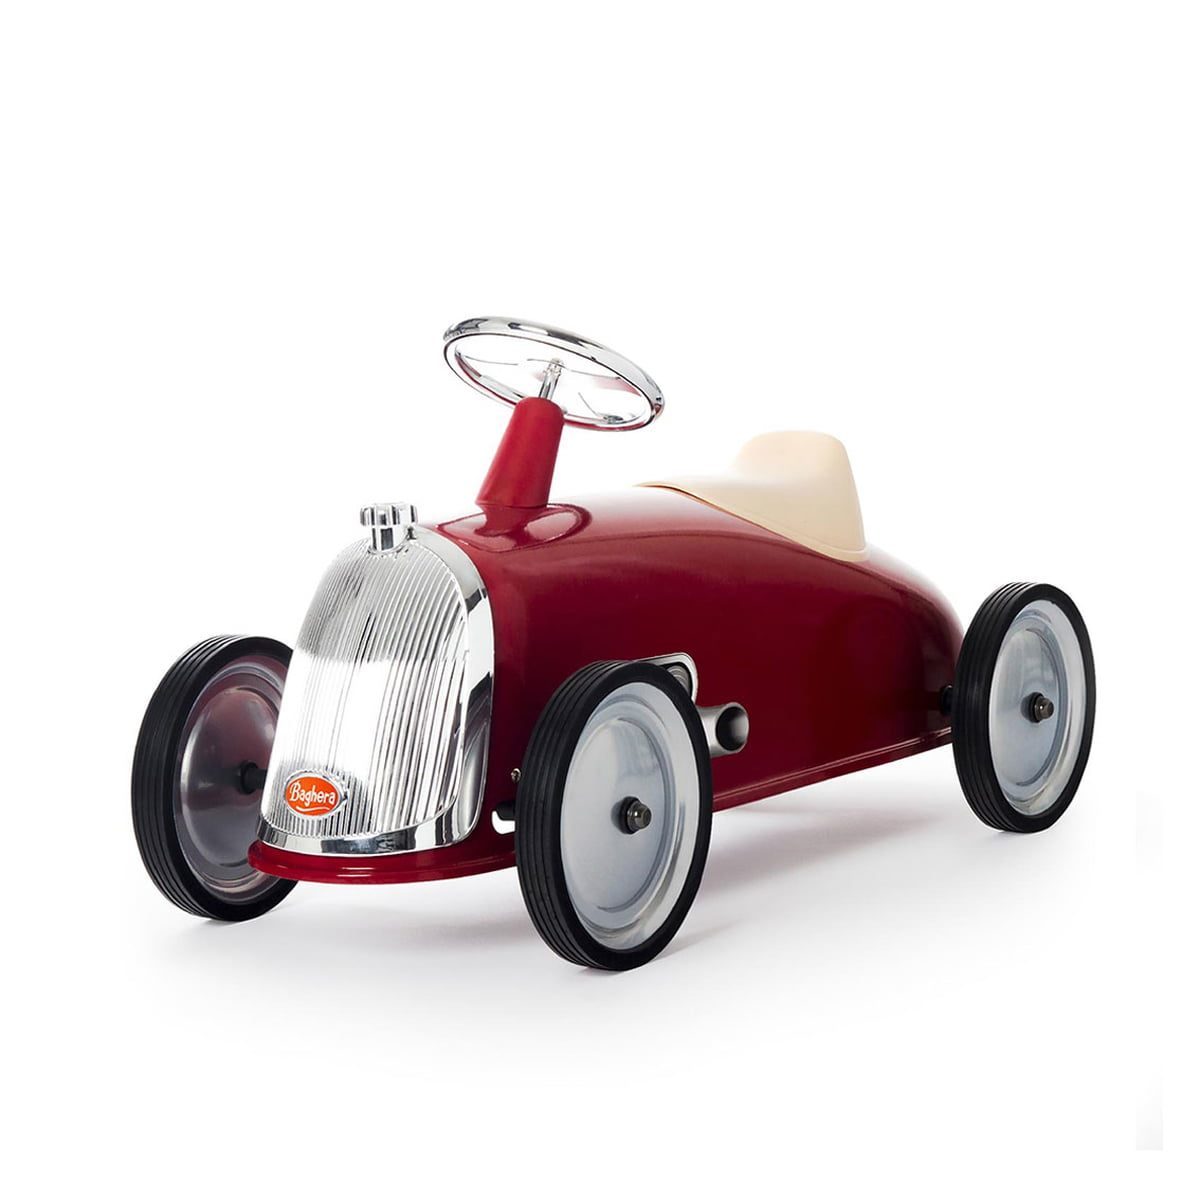 Baghera - Rider Rutschfahrzeug, rot   Kinderzimmer > Spielzeuge > Kinderfahrräder   Baghera